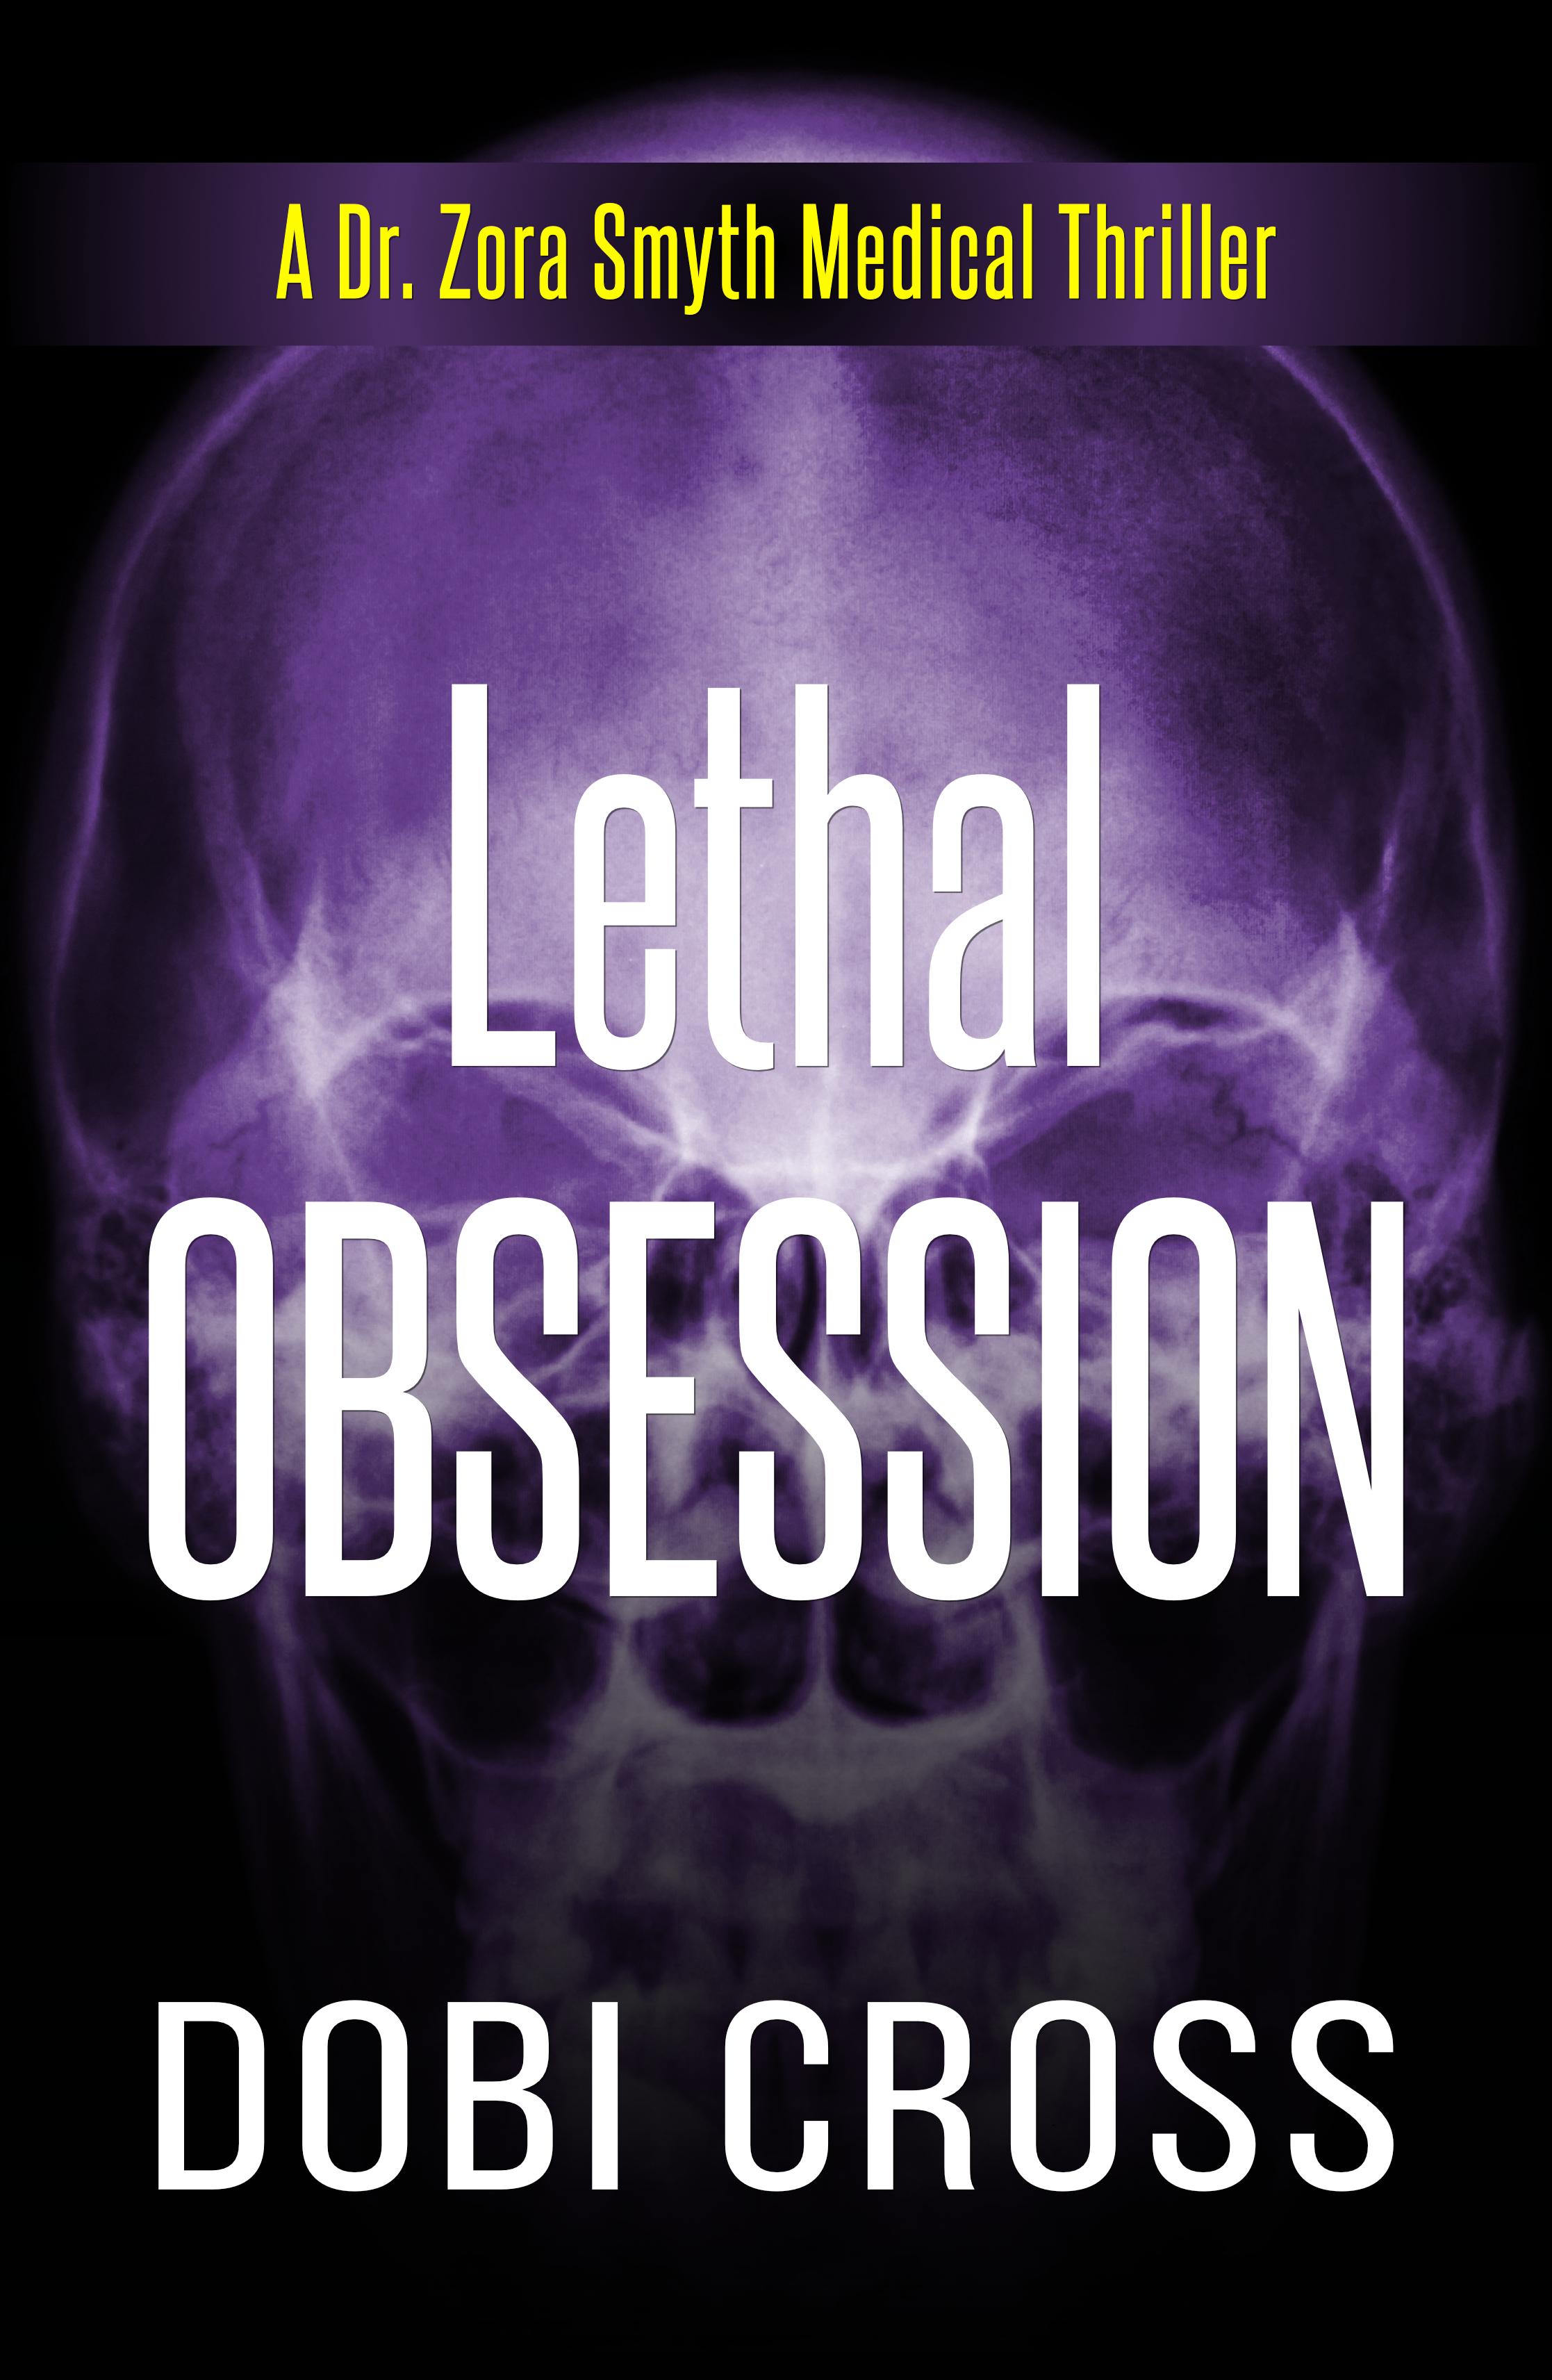 Lethal Obsession (Dr. Zora Smyth Medical Thriller #3)